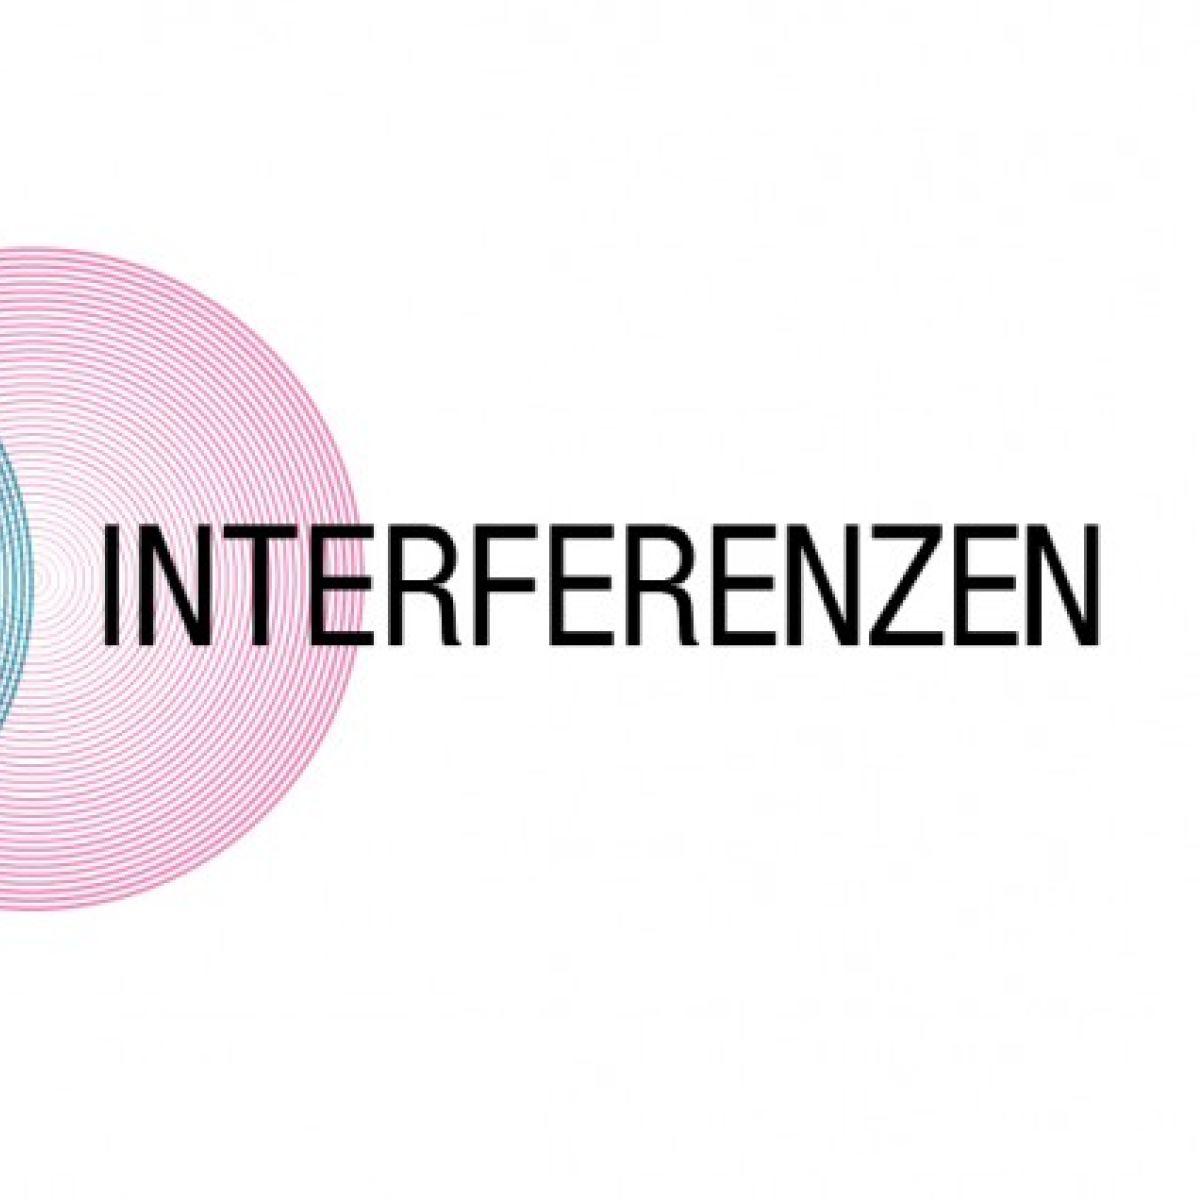 Pod patronatem Gallerystore: Zapraszamy do uczestnictwa w drugiej edycji projektu Interferencje – tym razem w Berlinie. Miejscem ekspozycji będzie przestrzeń Galerii Sztuki Second Home